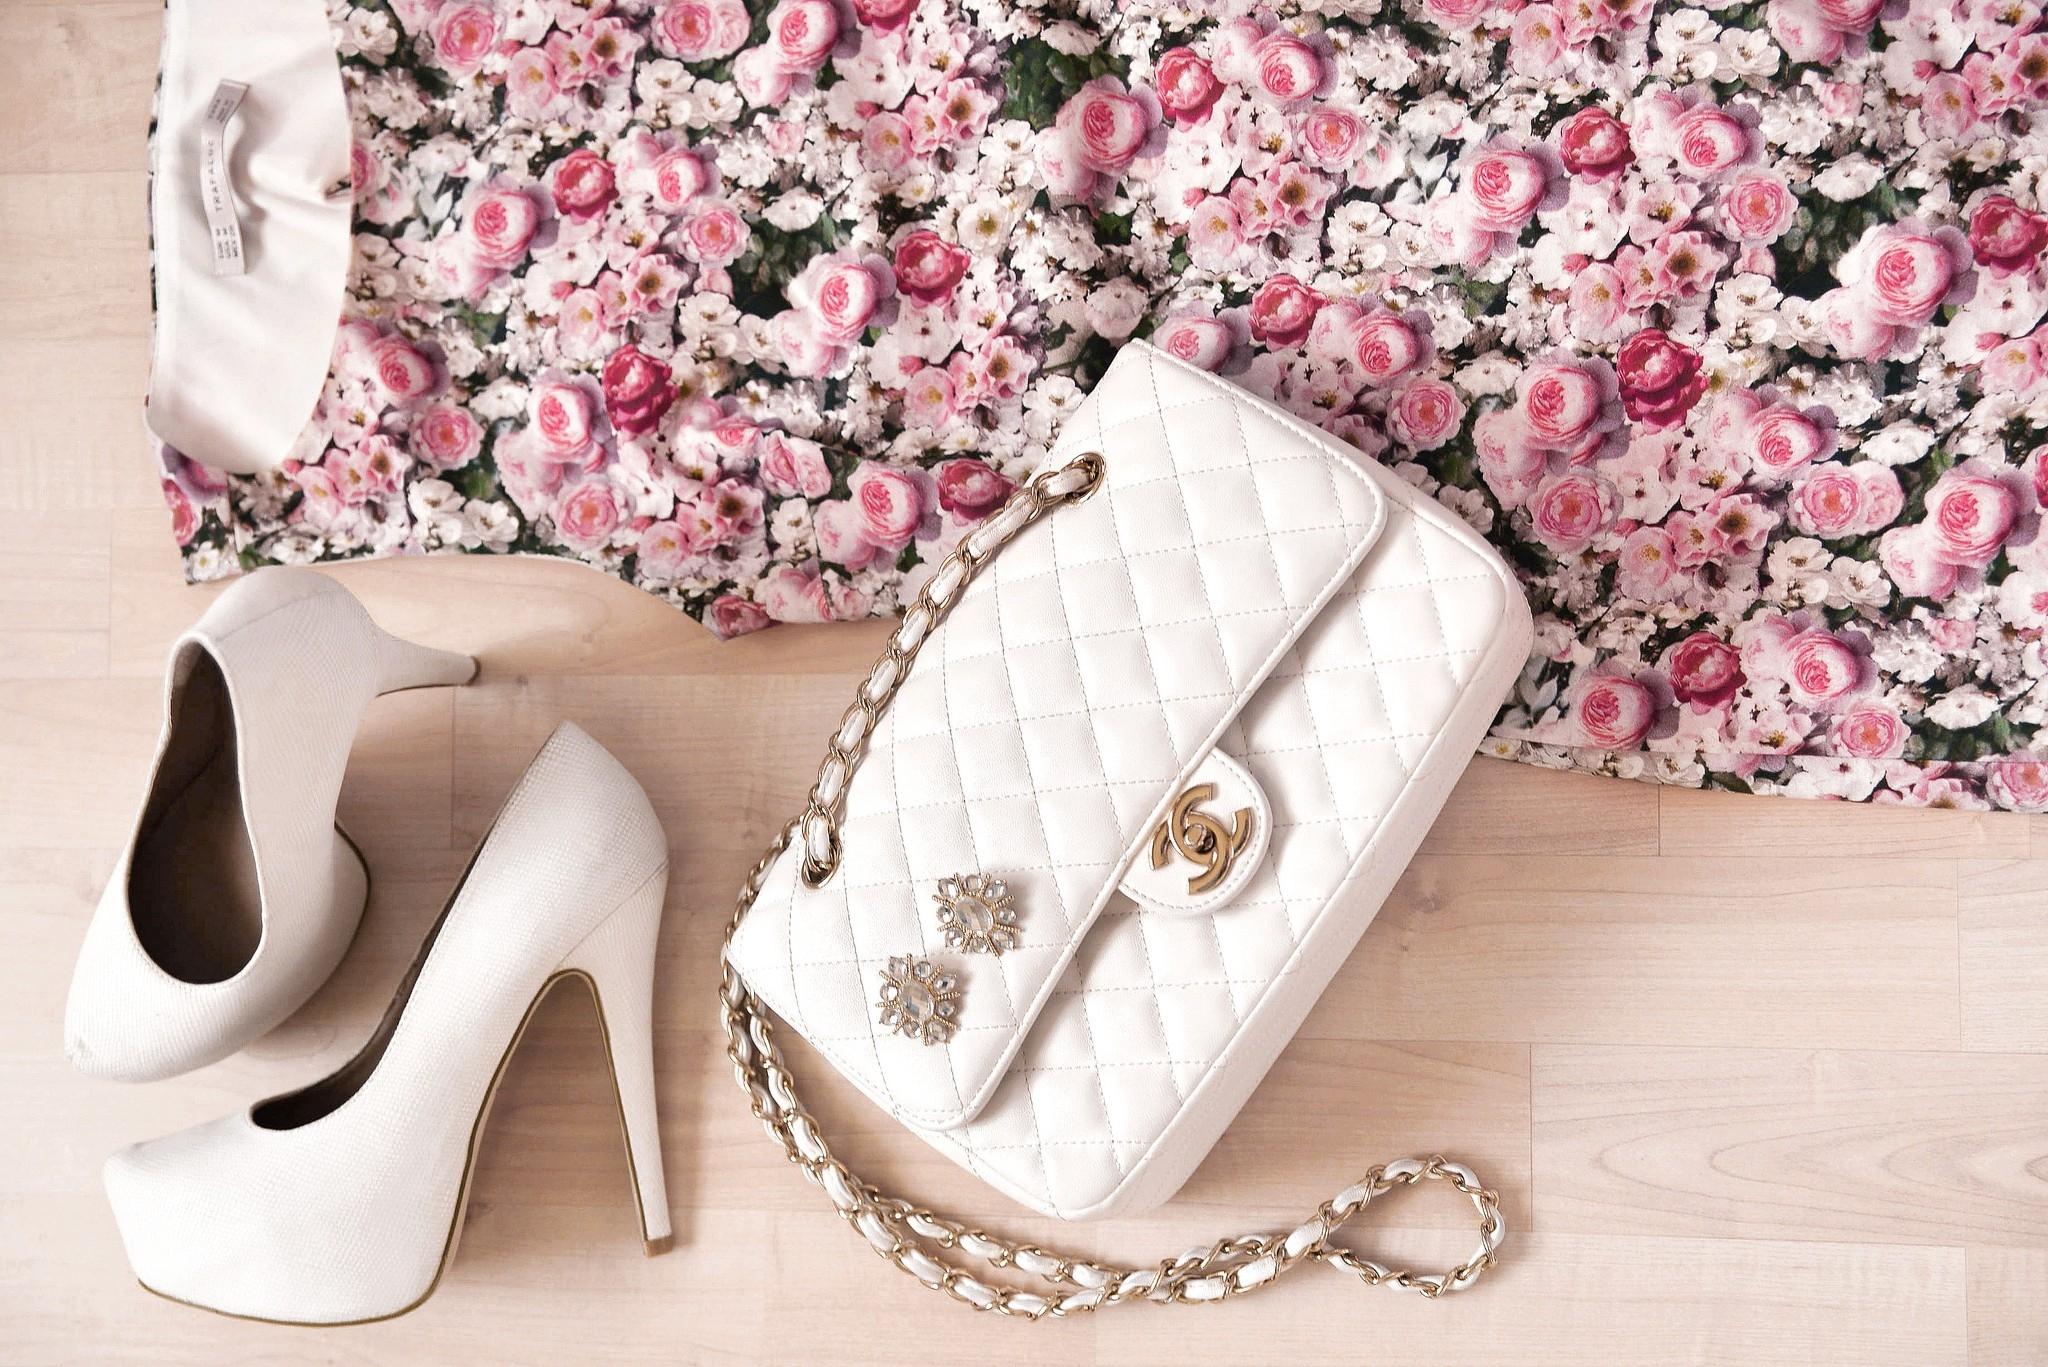 Туфли и розы  № 3398299  скачать